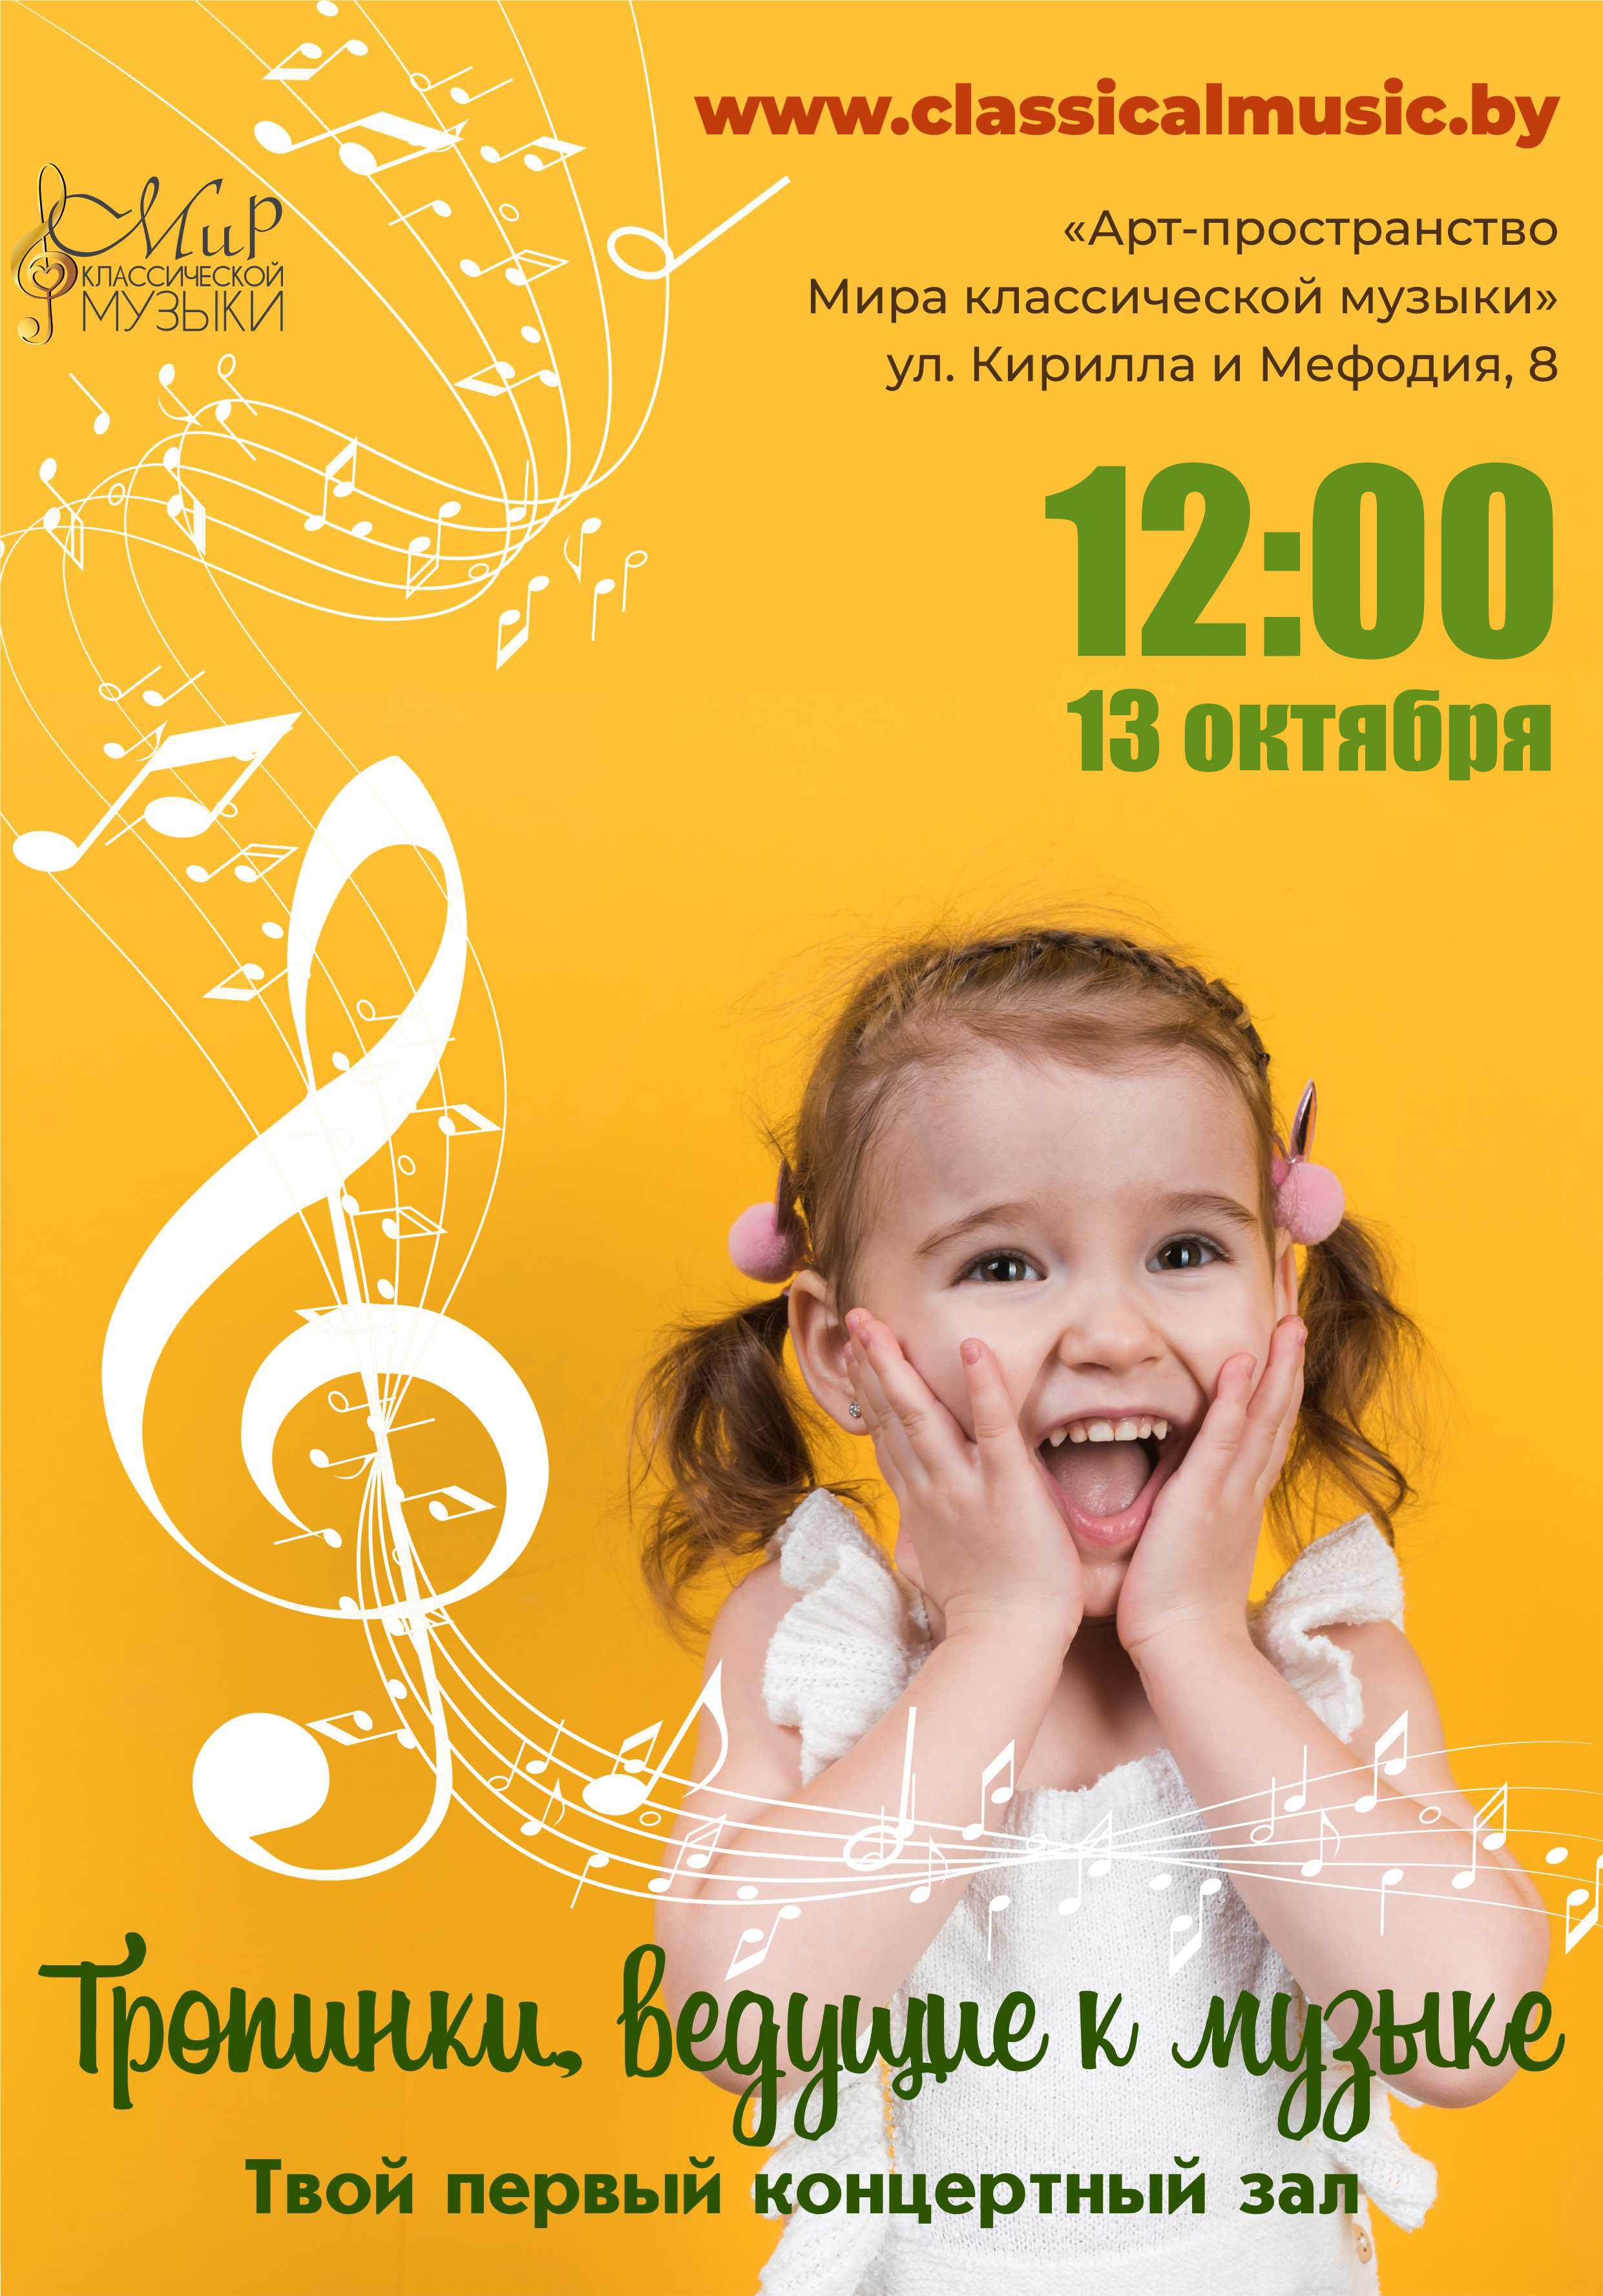 13.10 Тропинки, ведущие к музыке: Твой первый концертный зал